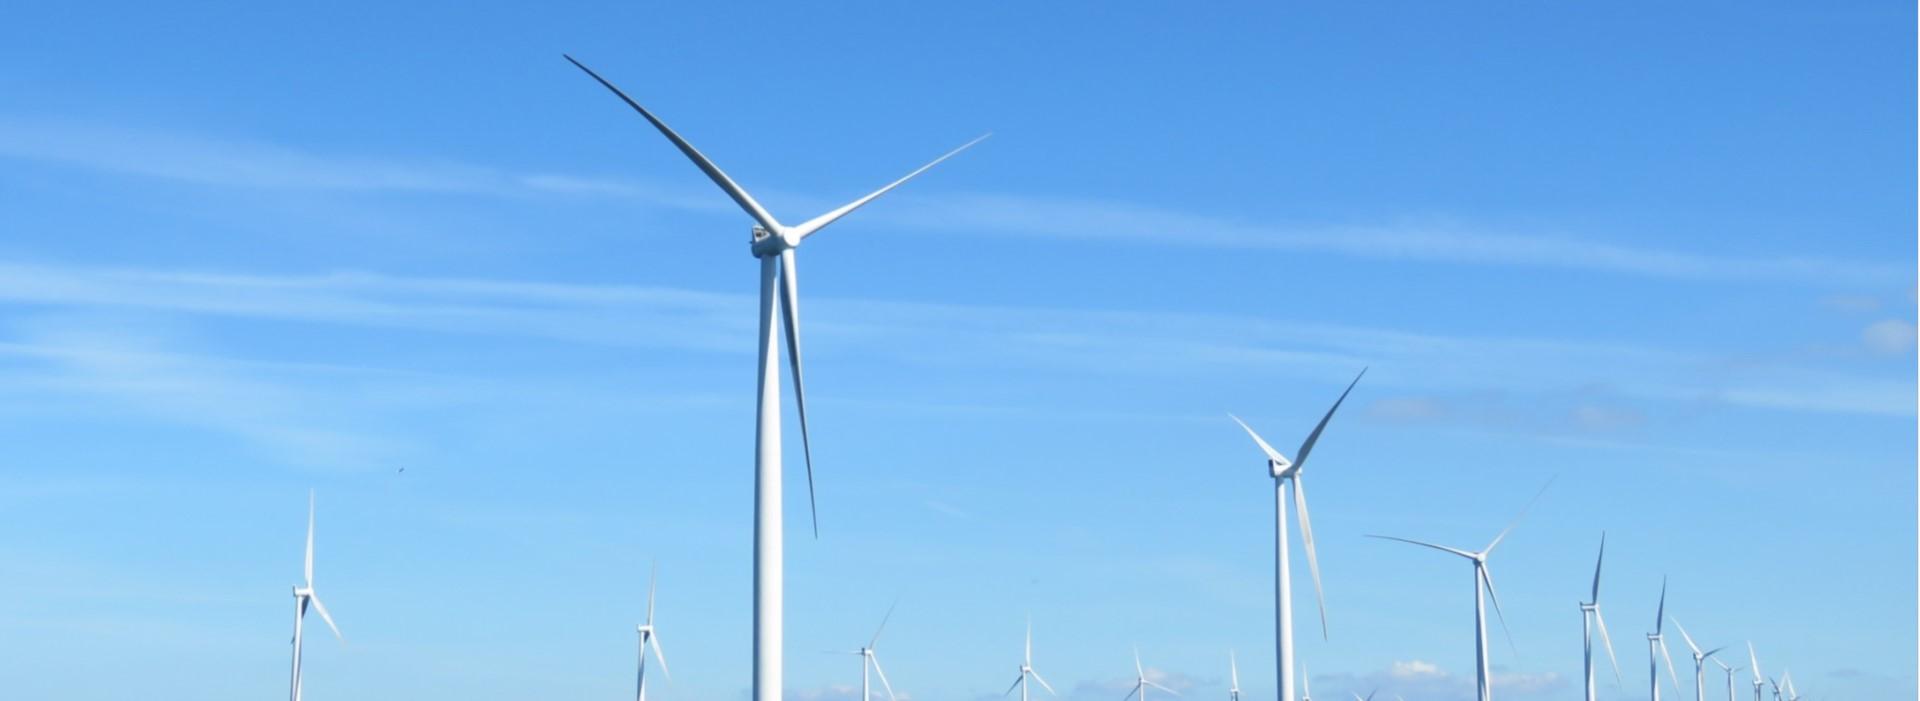 綠色經濟正起飛 離岸風電成新秀